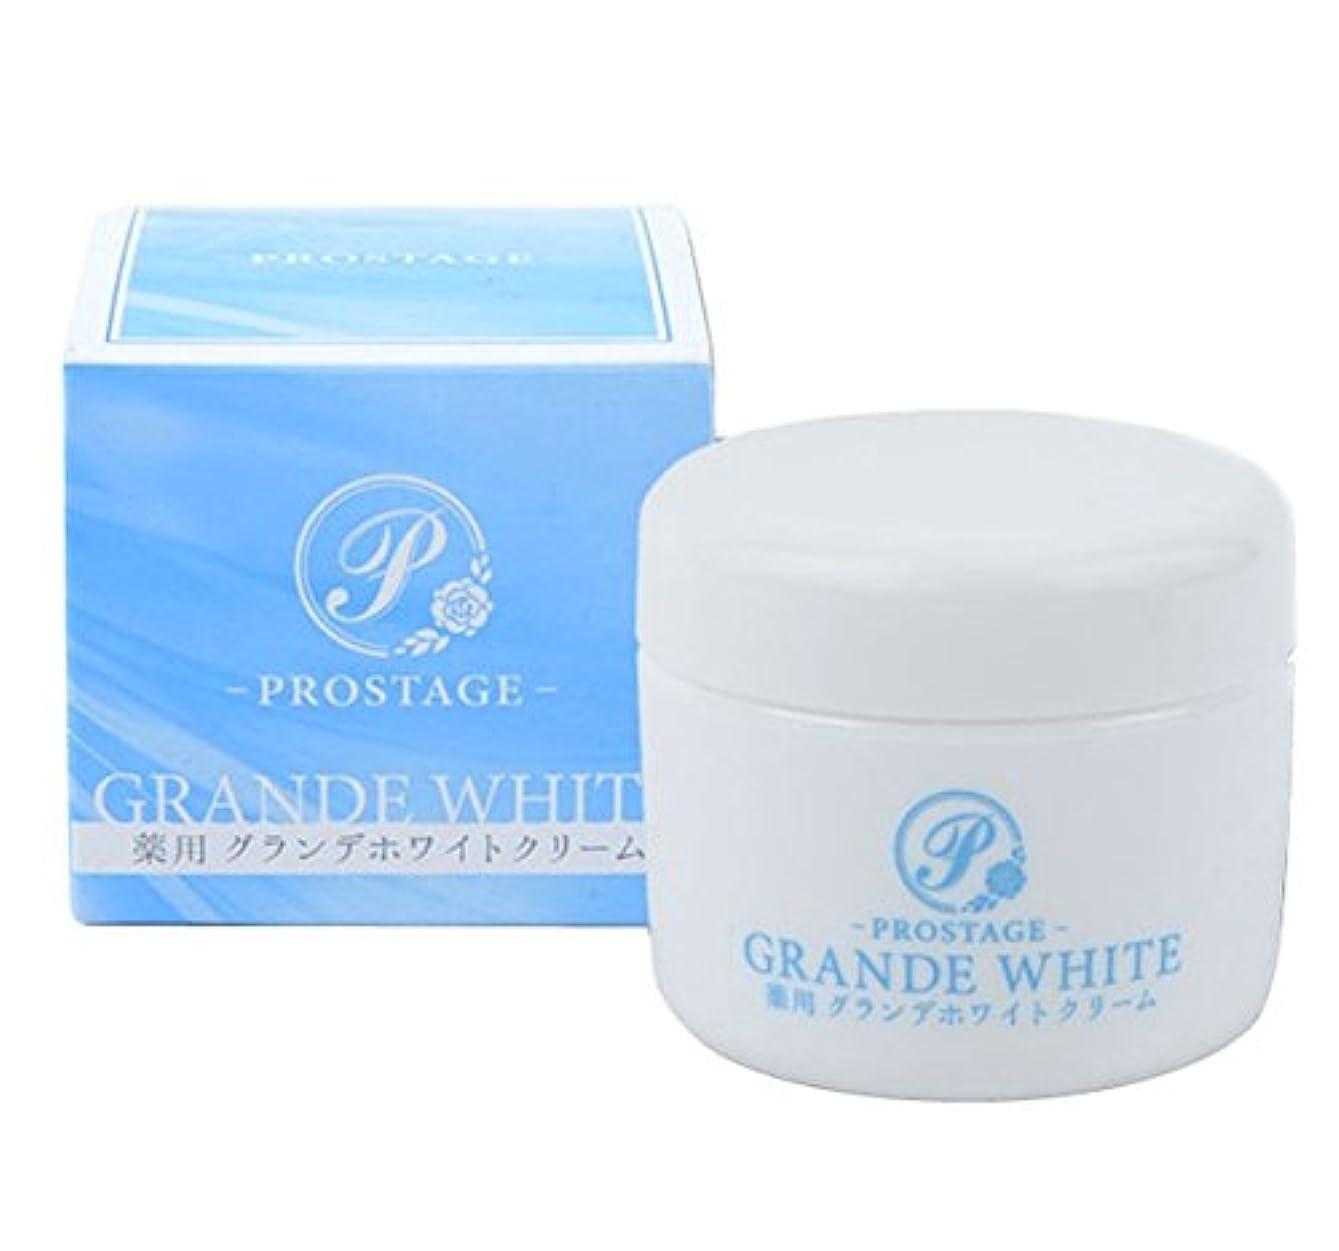 インシュレータ通り抜ける君主薬用グランデホワイトクリーム PROSTAGE ホワイトニングクリーム 大容量80g (1個)